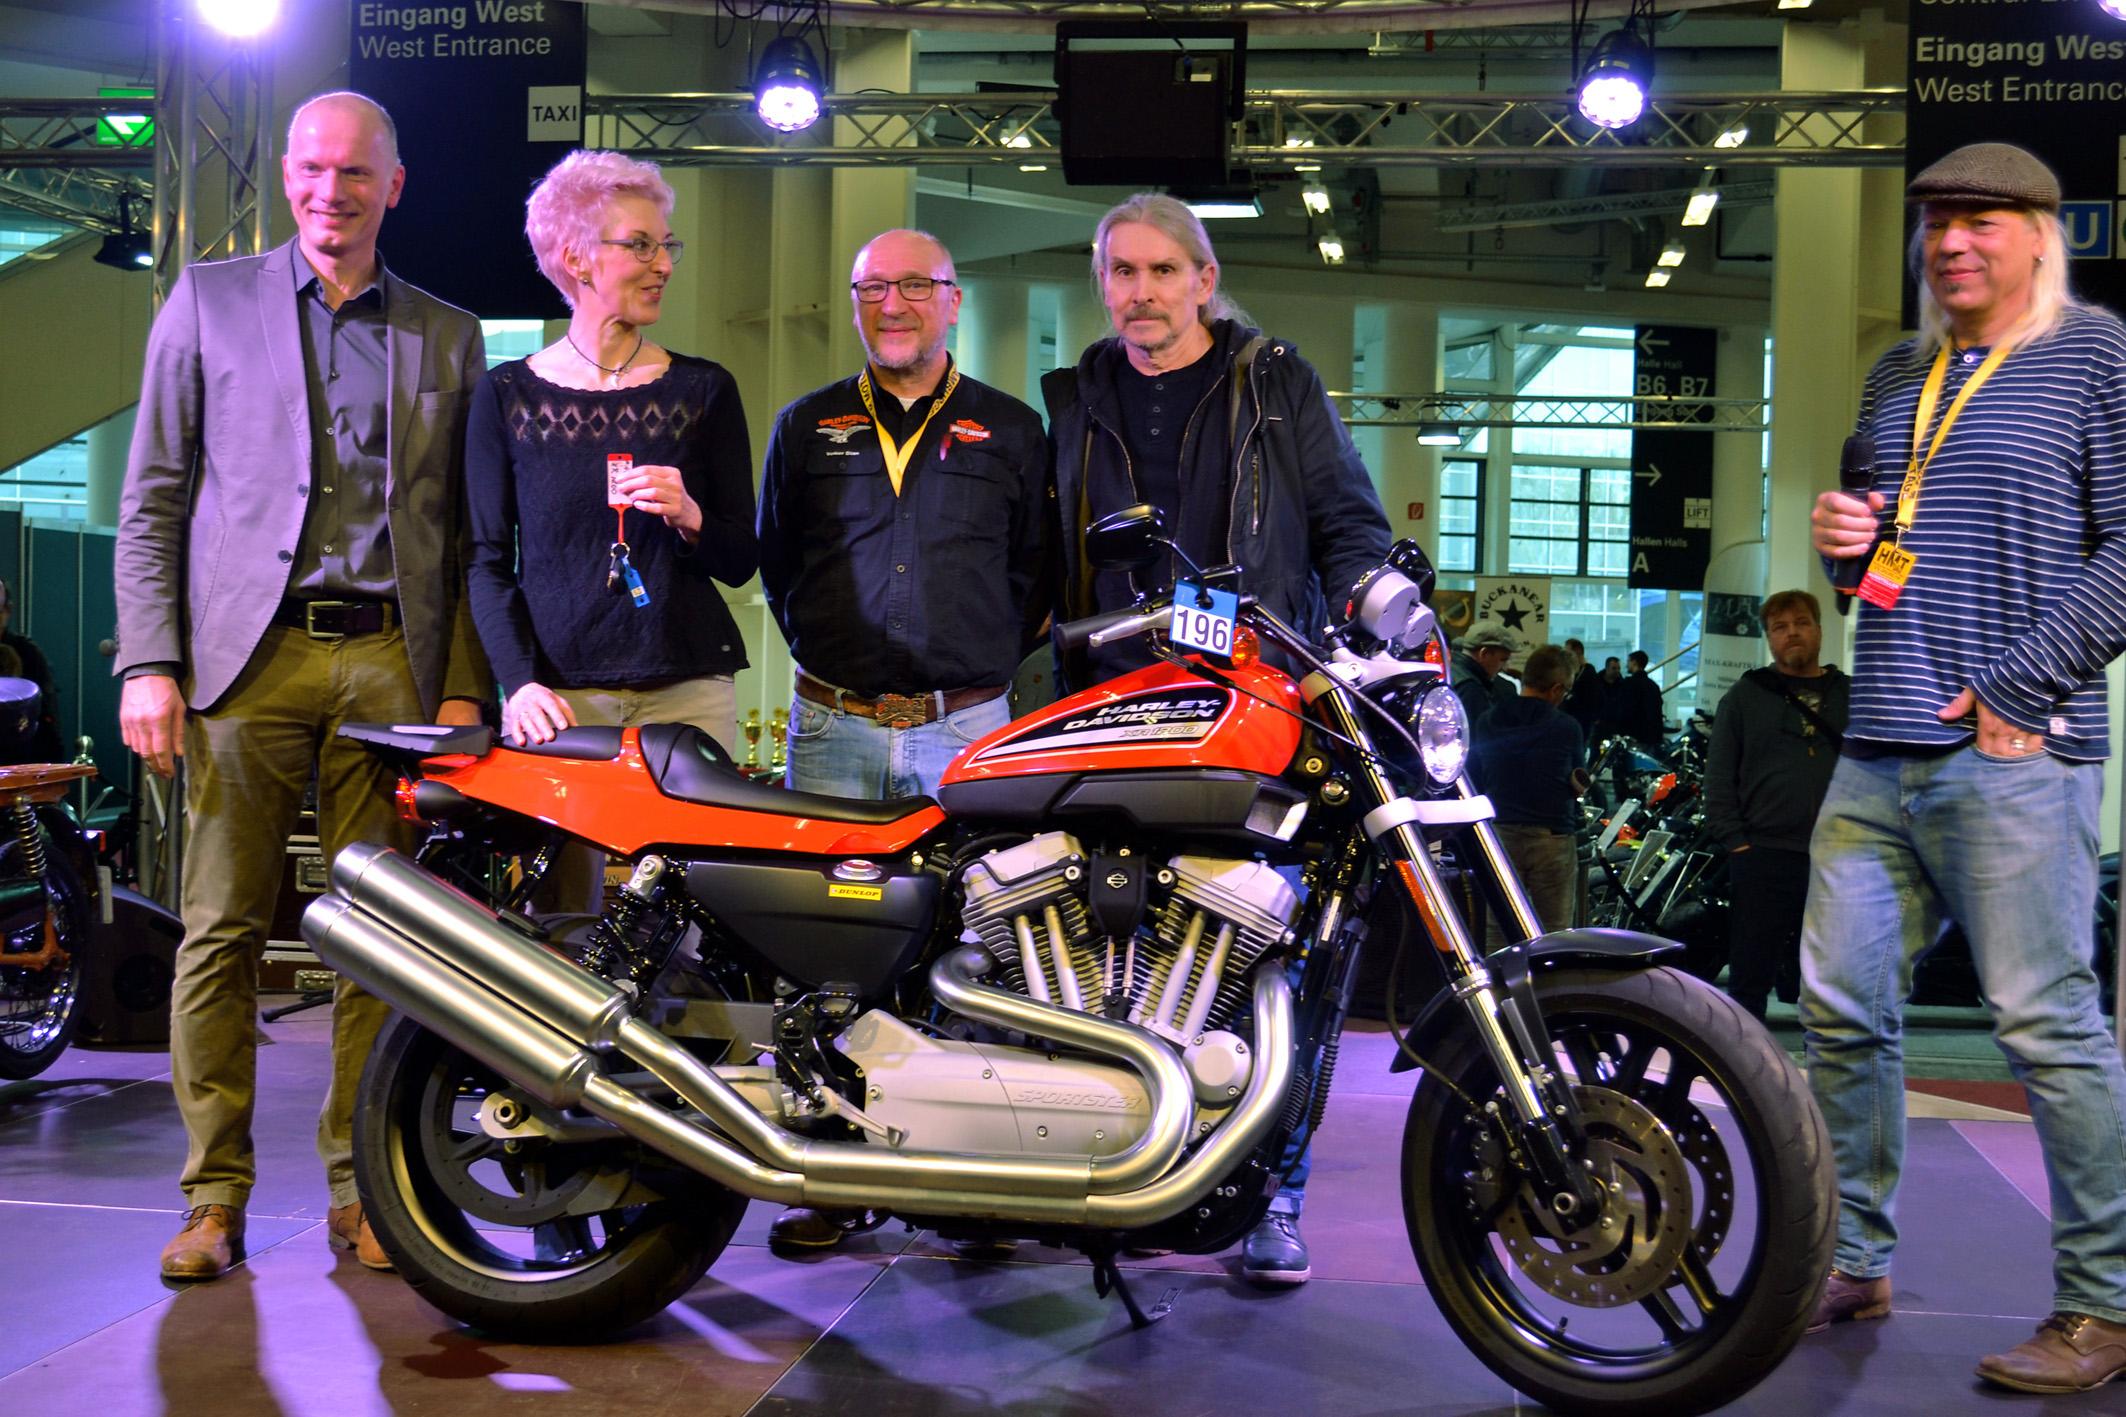 2018HDD05_Harley_Davidson_Hamburg_Nord_stiftet_Ausbildungsstaette_Motorrad